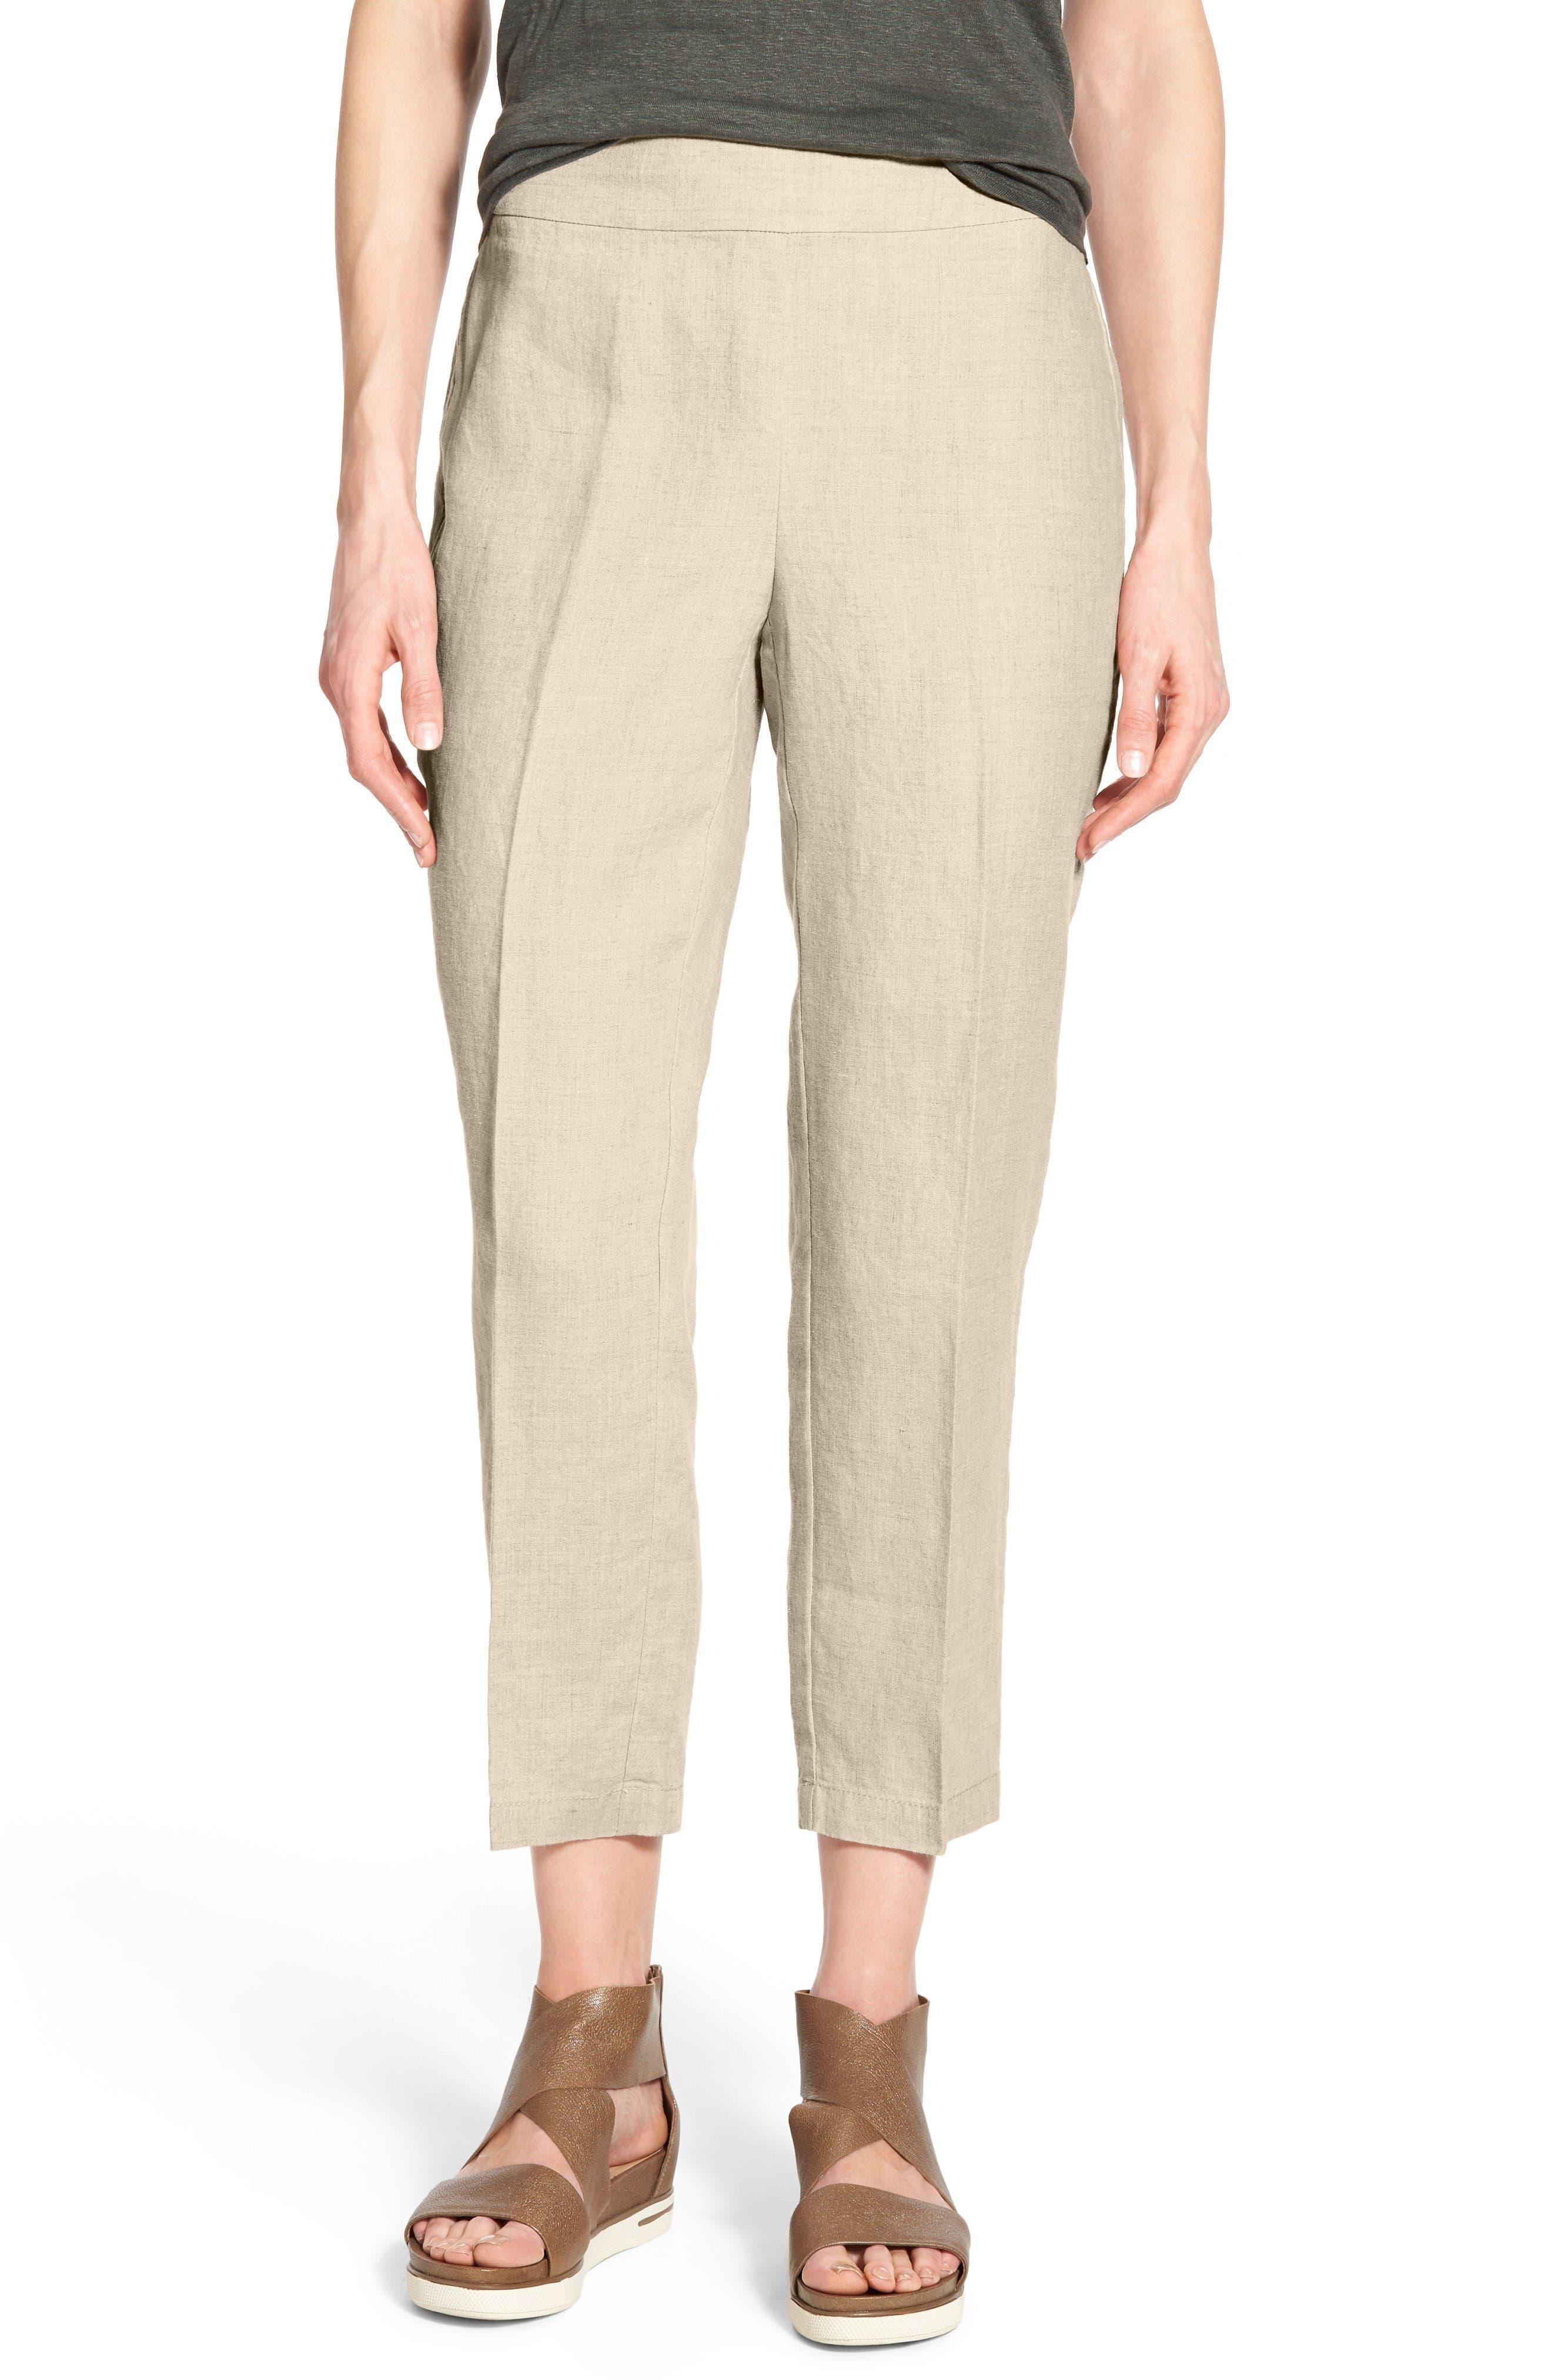 Eileen Fisher Organic Linen Crop Pants (Regular & Petite) (Nordstrom Exclusive)